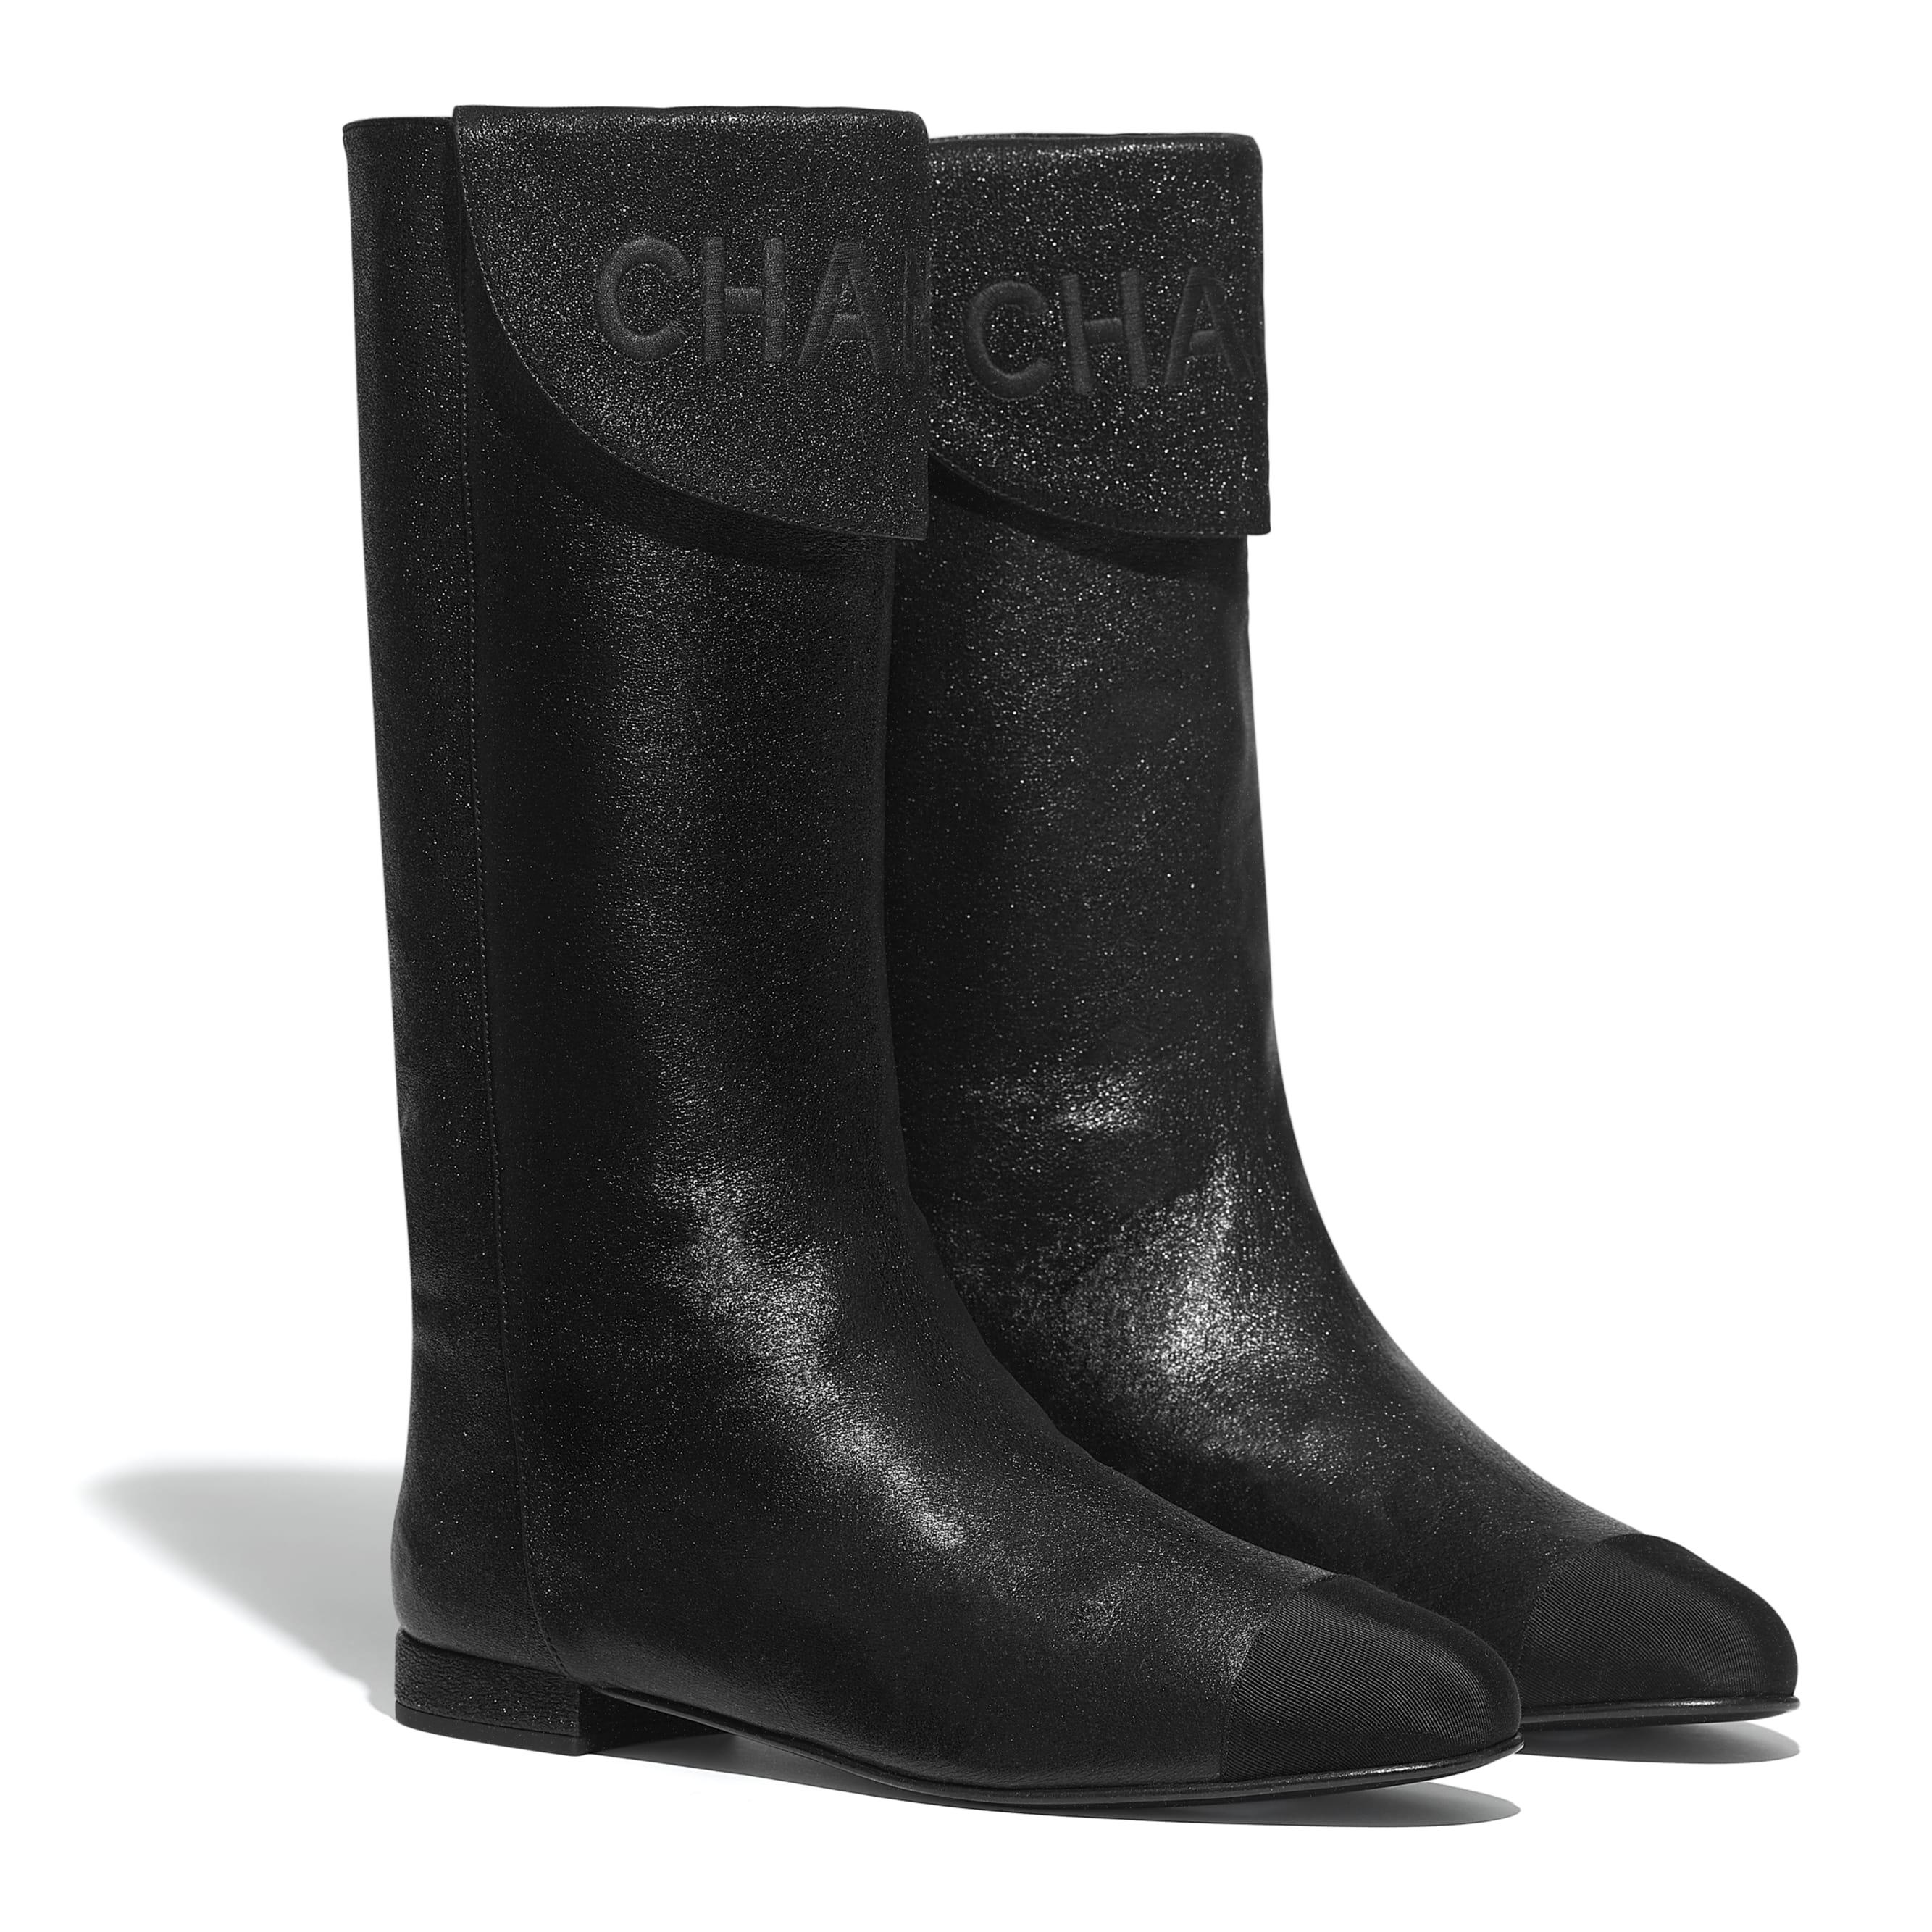 Сапоги - Черный - Кожа ягненка и шелковая ткань - Альтернативный вид - посмотреть изображение стандартного размера